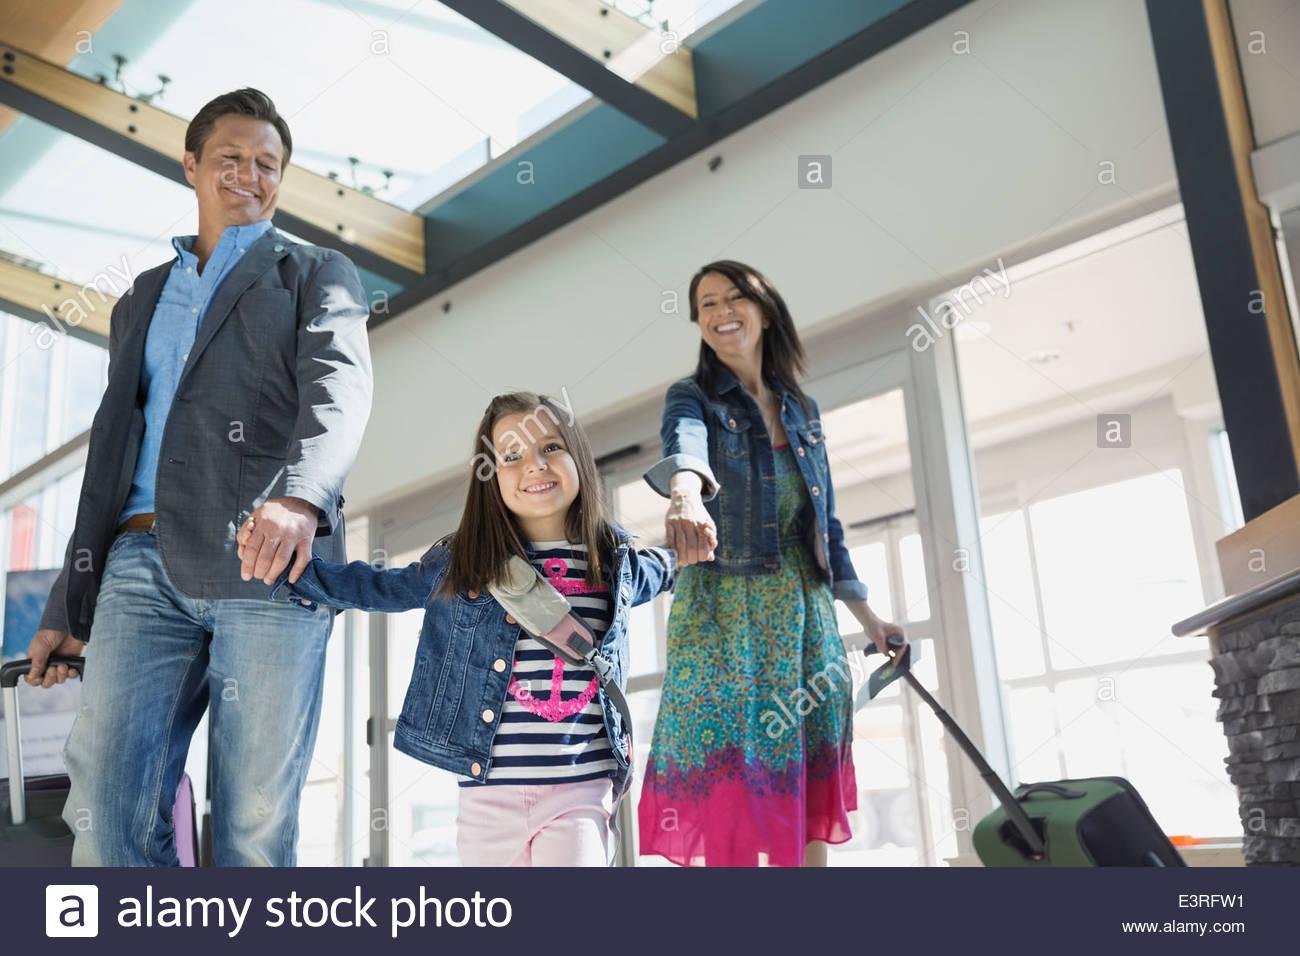 Figlia di genitori leader in aeroporto Immagini Stock